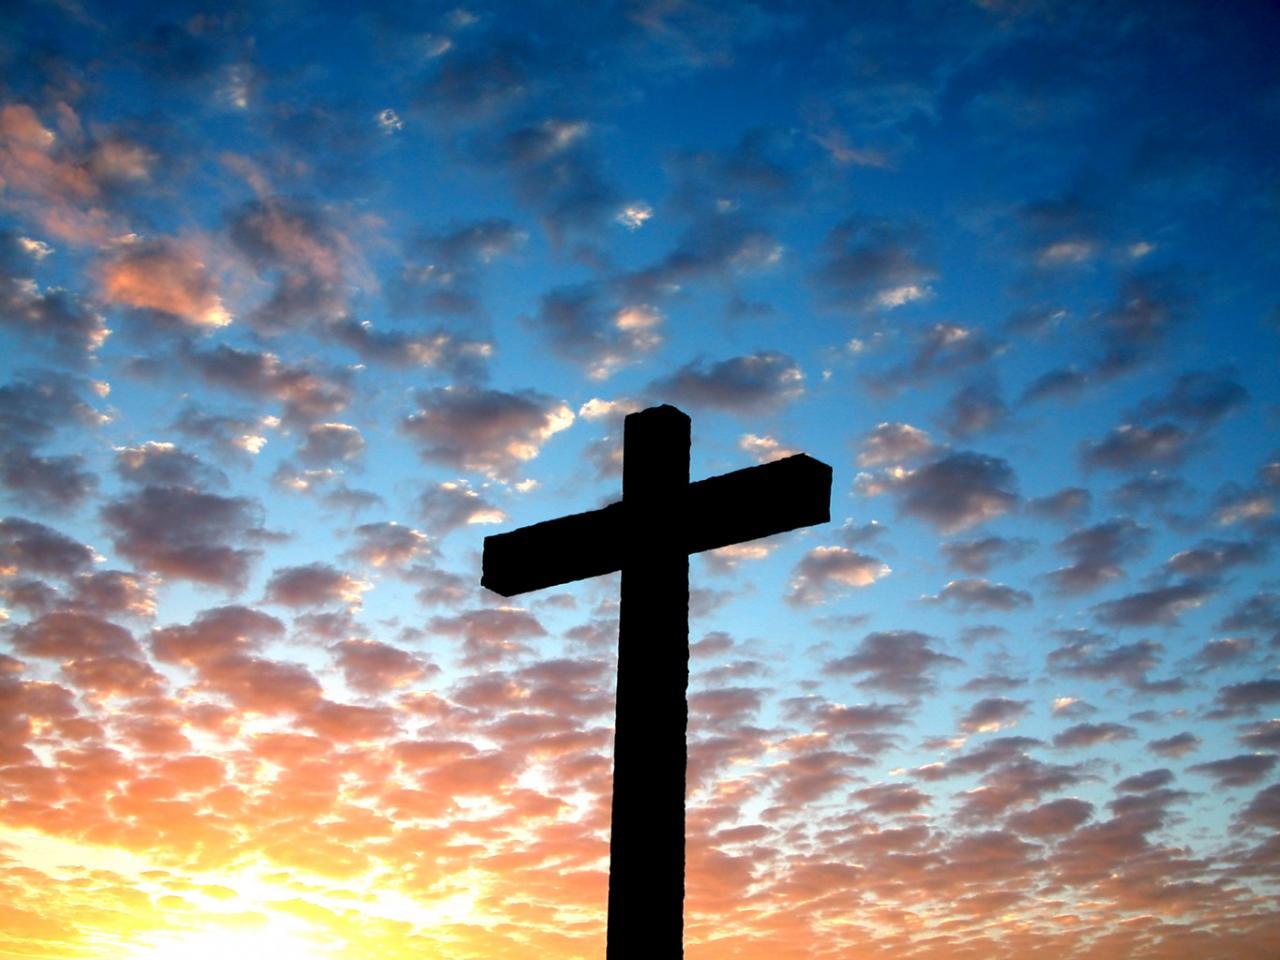 صورة صور دينيه مسيحيه , اجمل الصور المعبرة عن المسيحية 6396 5